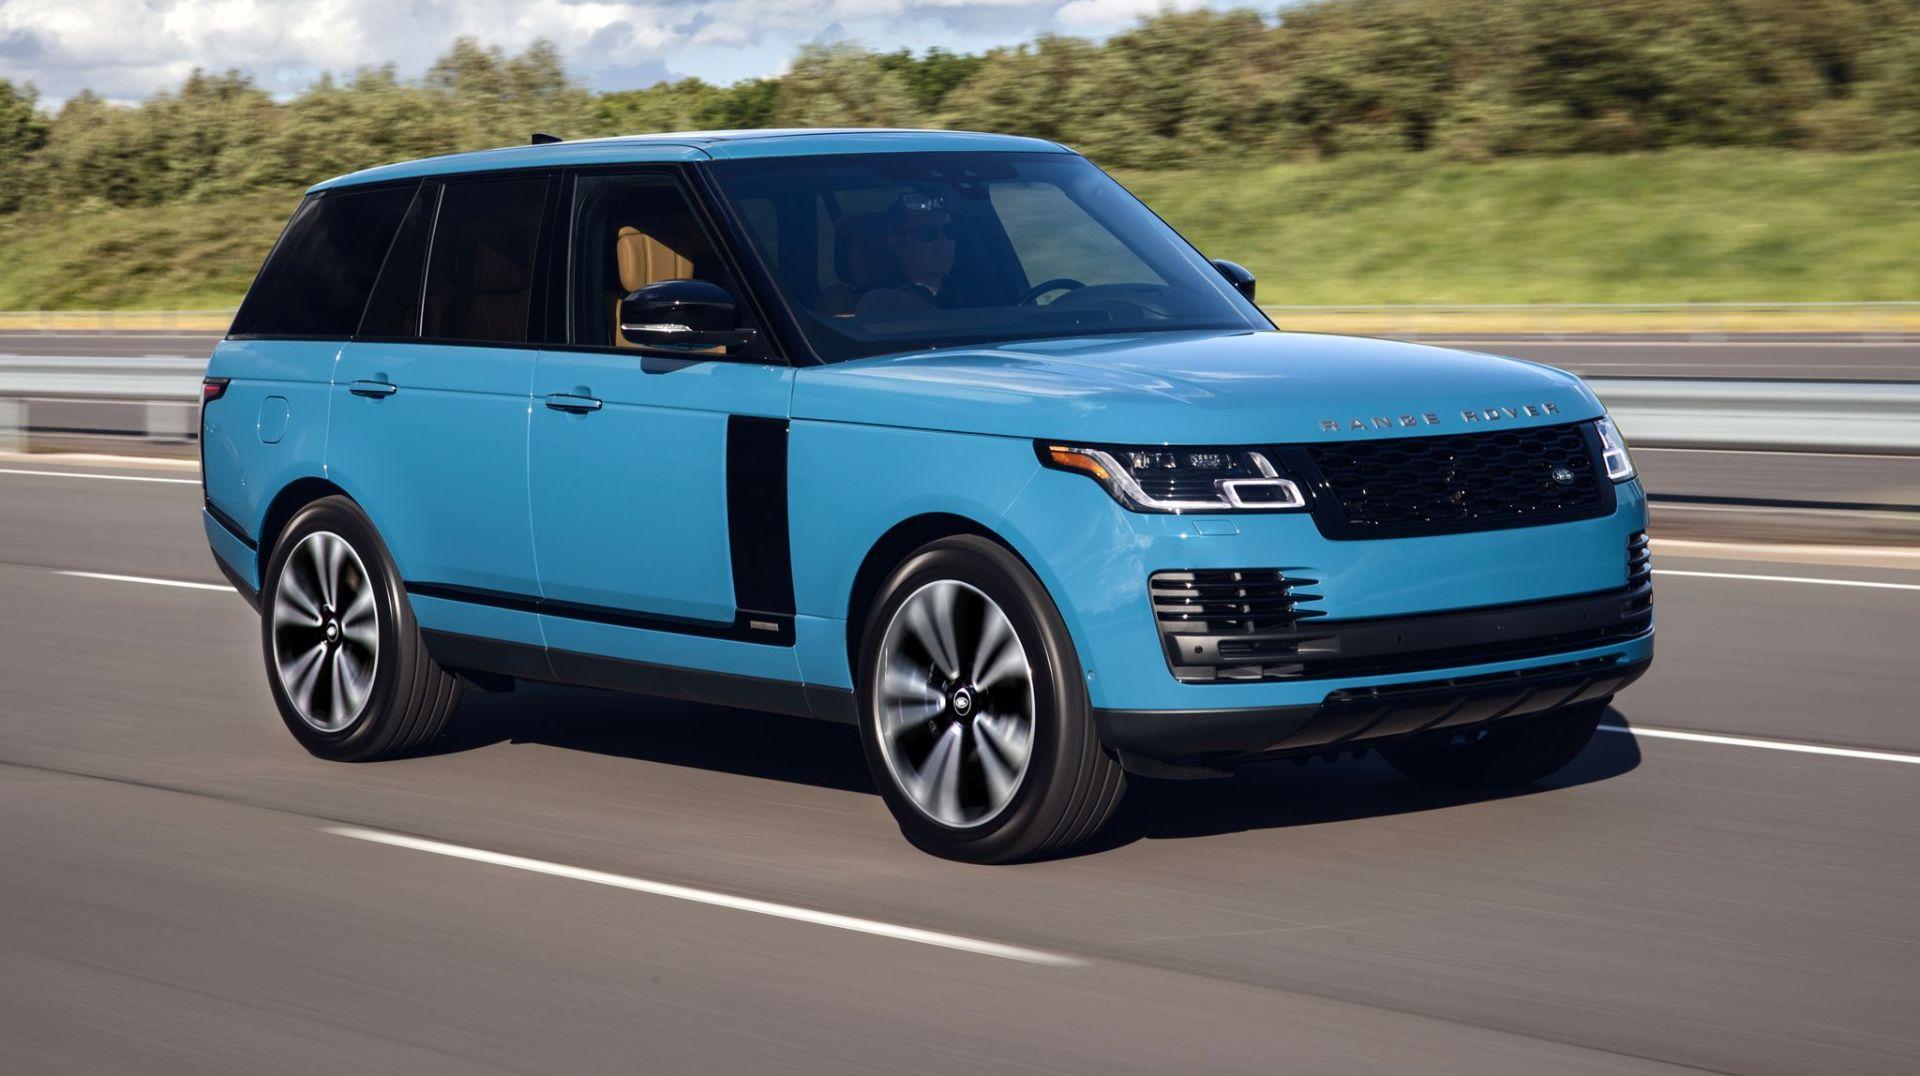 land rover range rover sv autobiography azul em rodovia